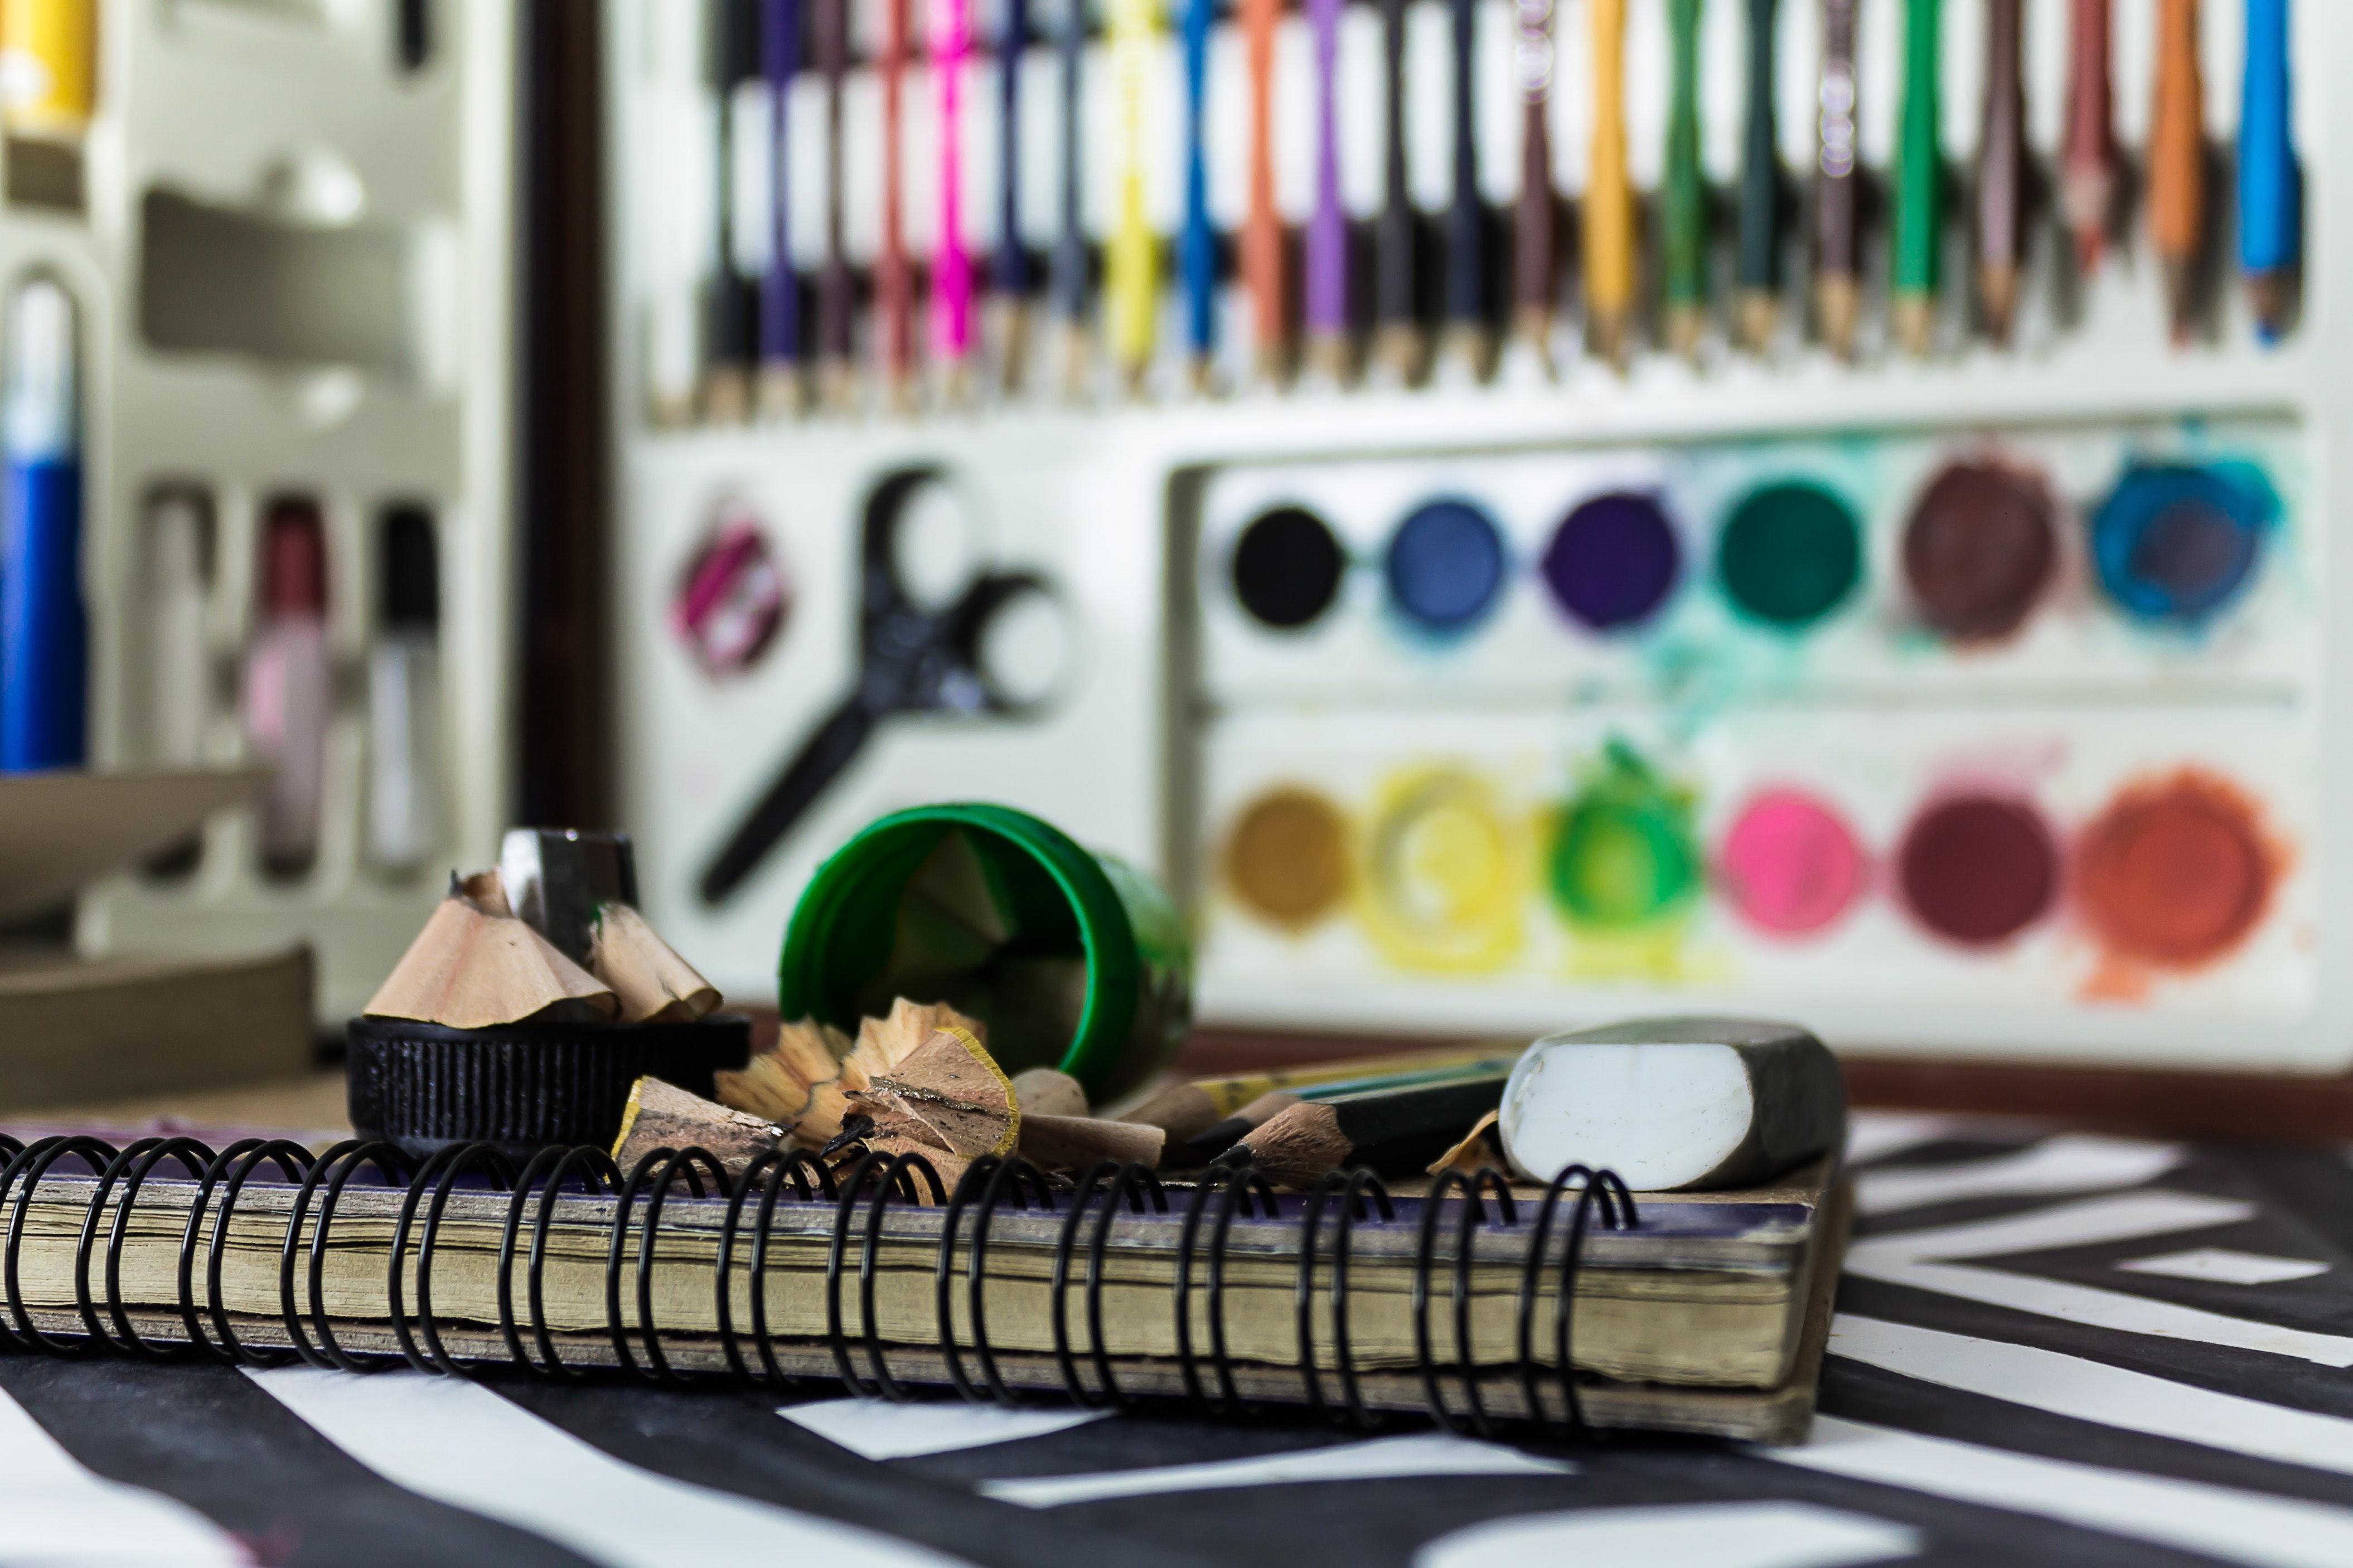 Oficlub venta de art culos de papeler a oficina for Articulos de oficina y papeleria